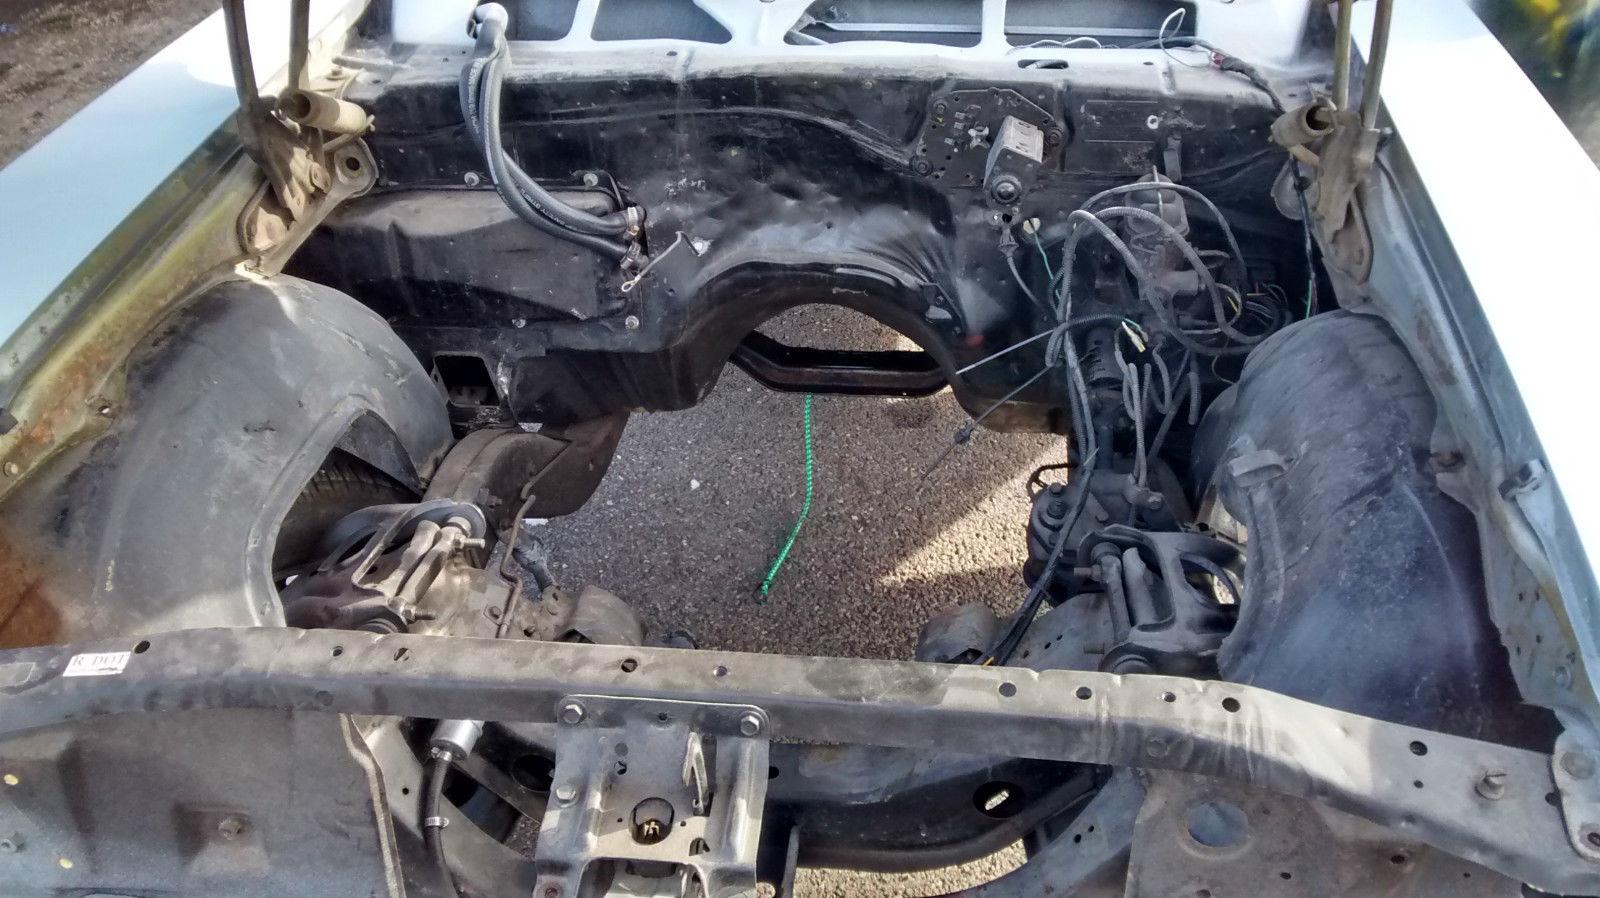 1971 Chevy Nova 2 door, Project, good body, Needs work ...